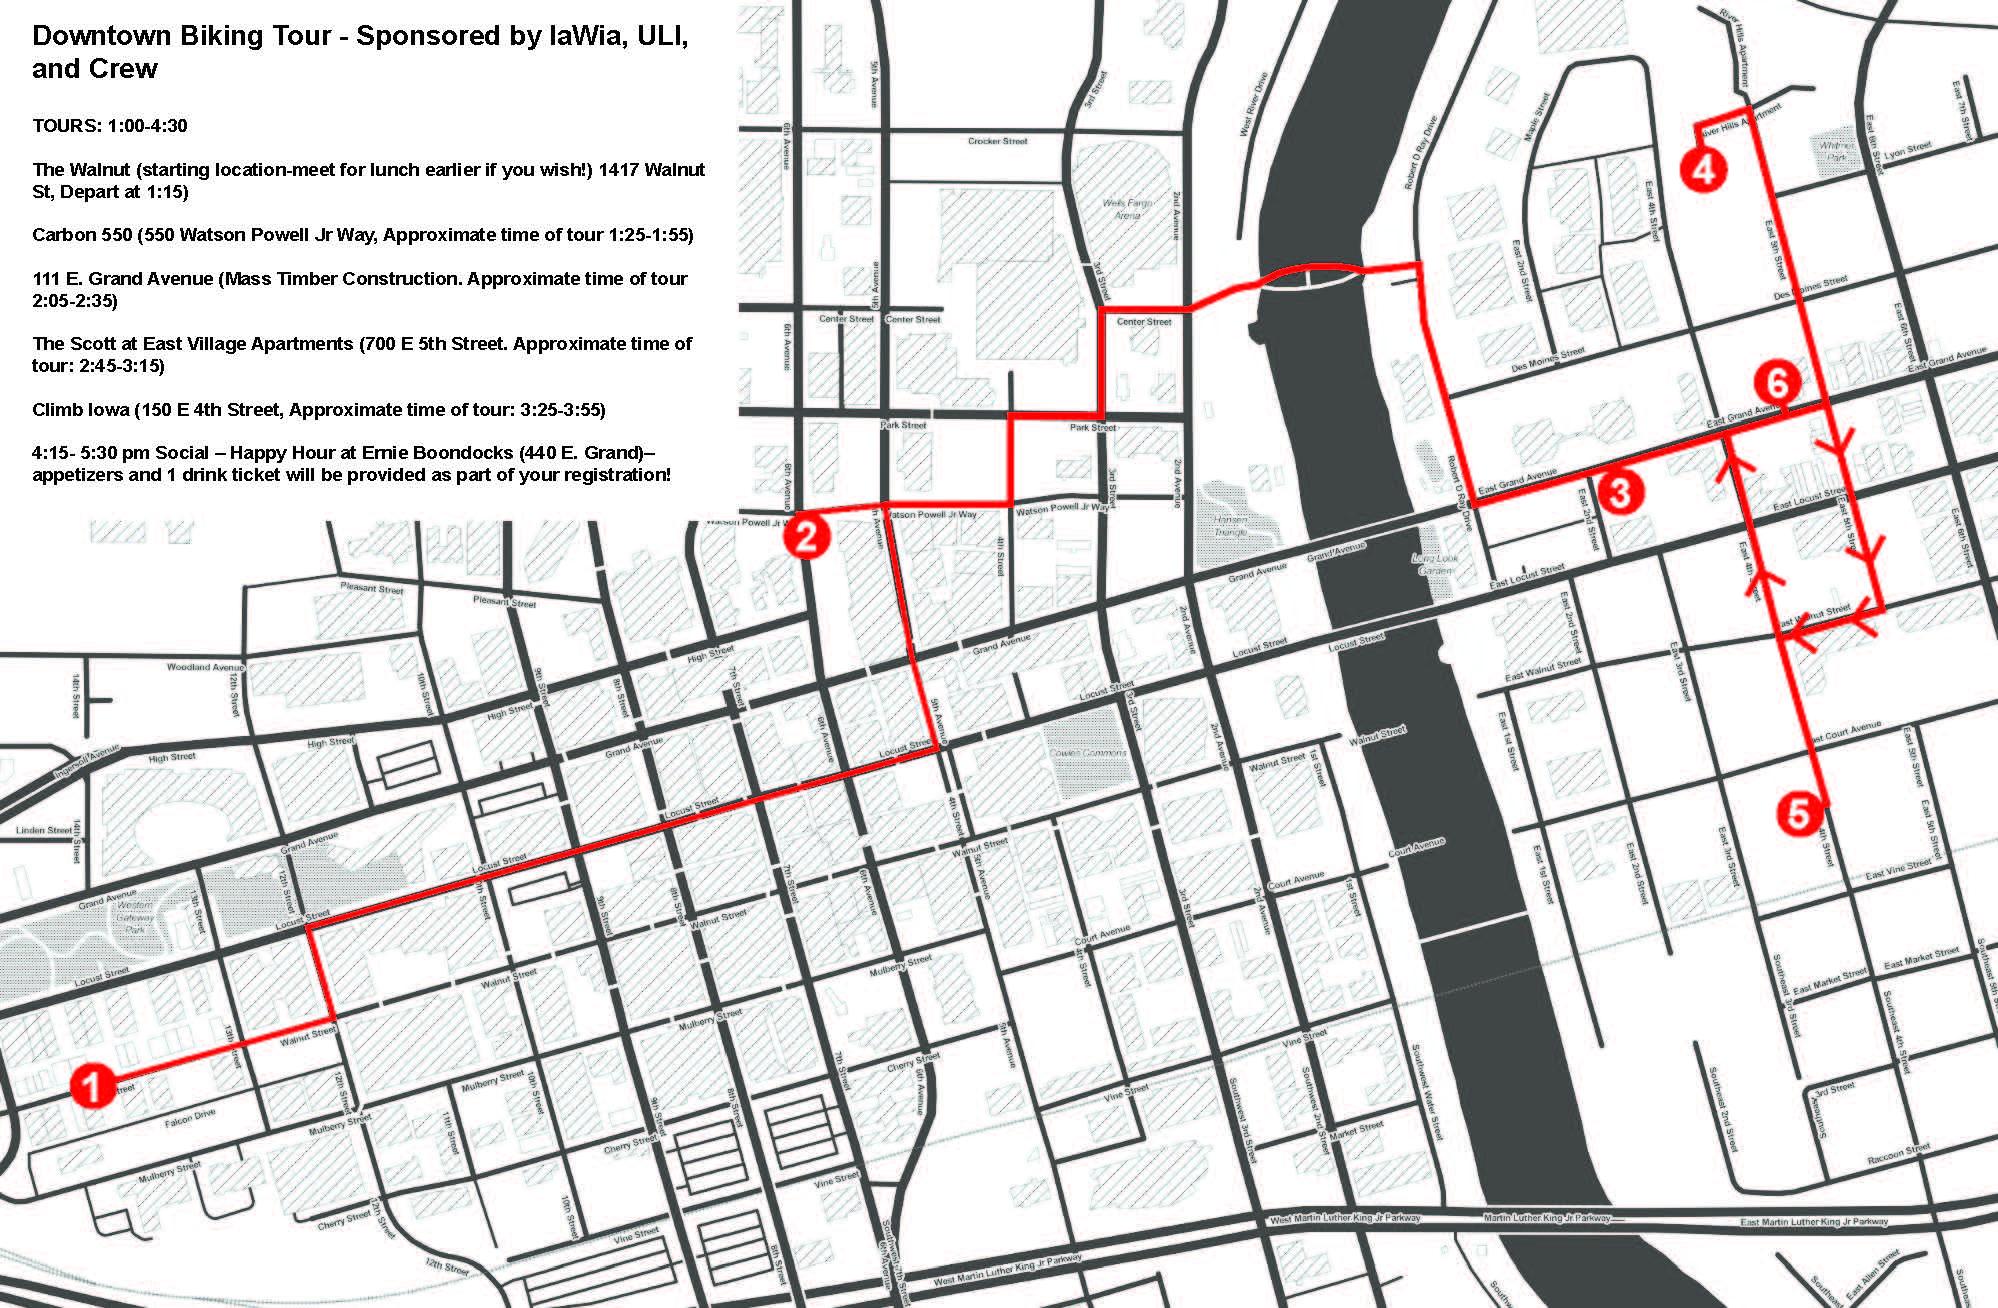 Biking Map_2019-05-13.jpg